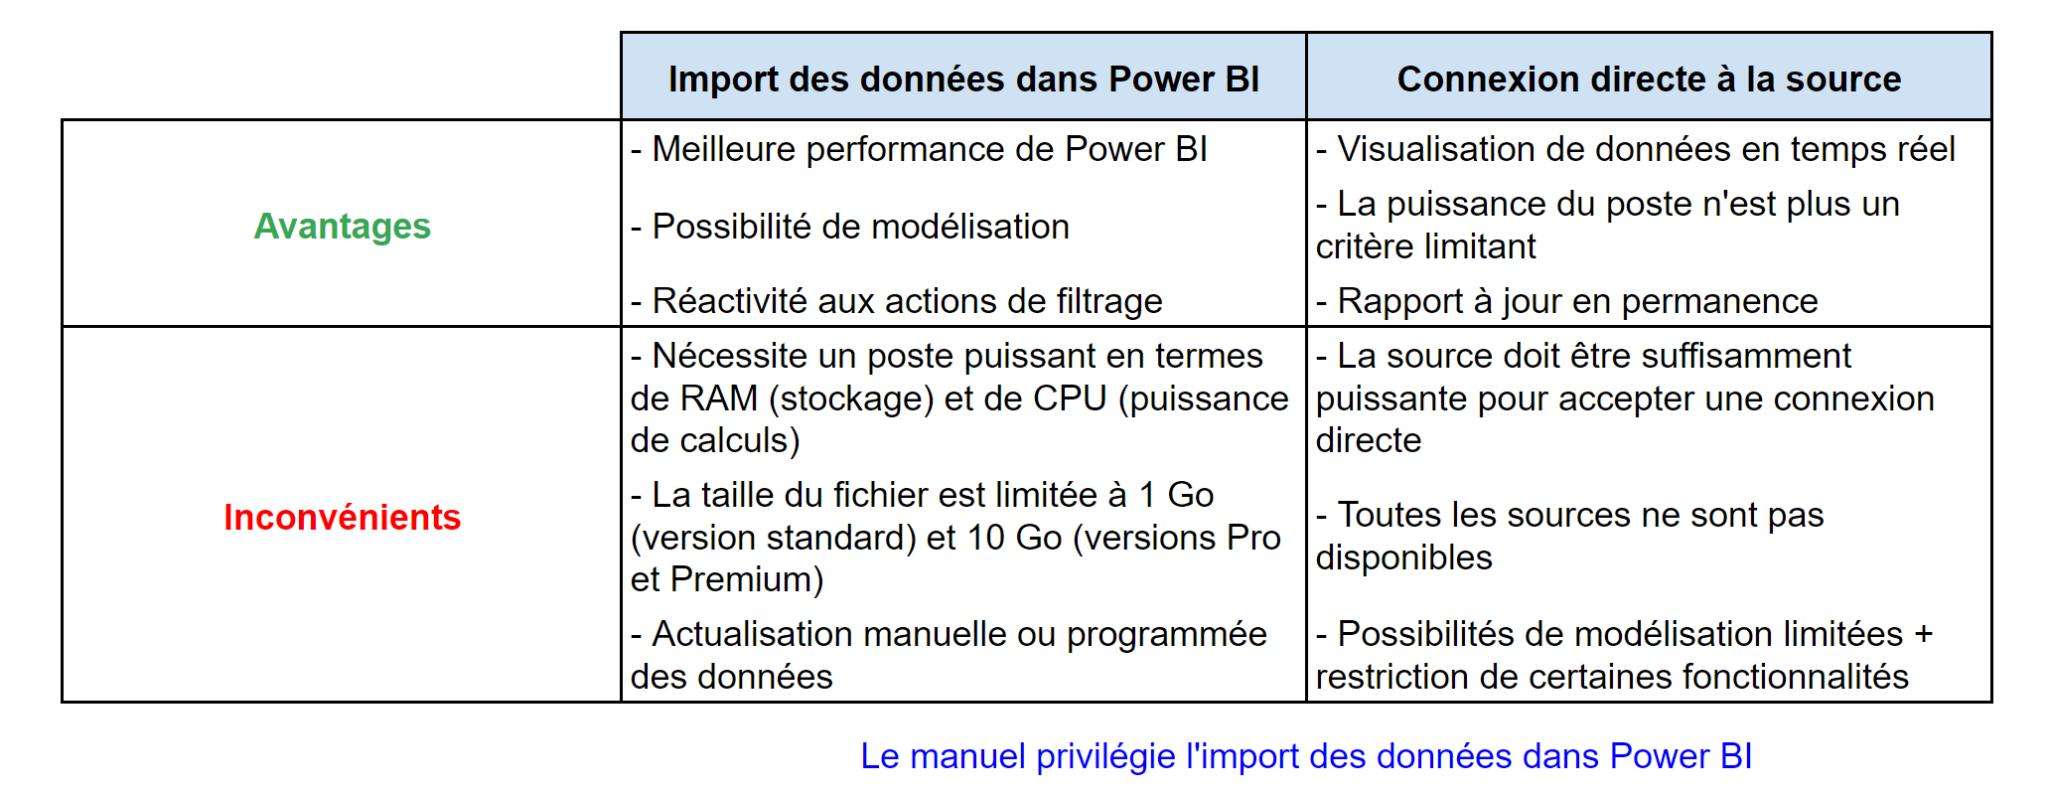 Power BI - Type de connexion